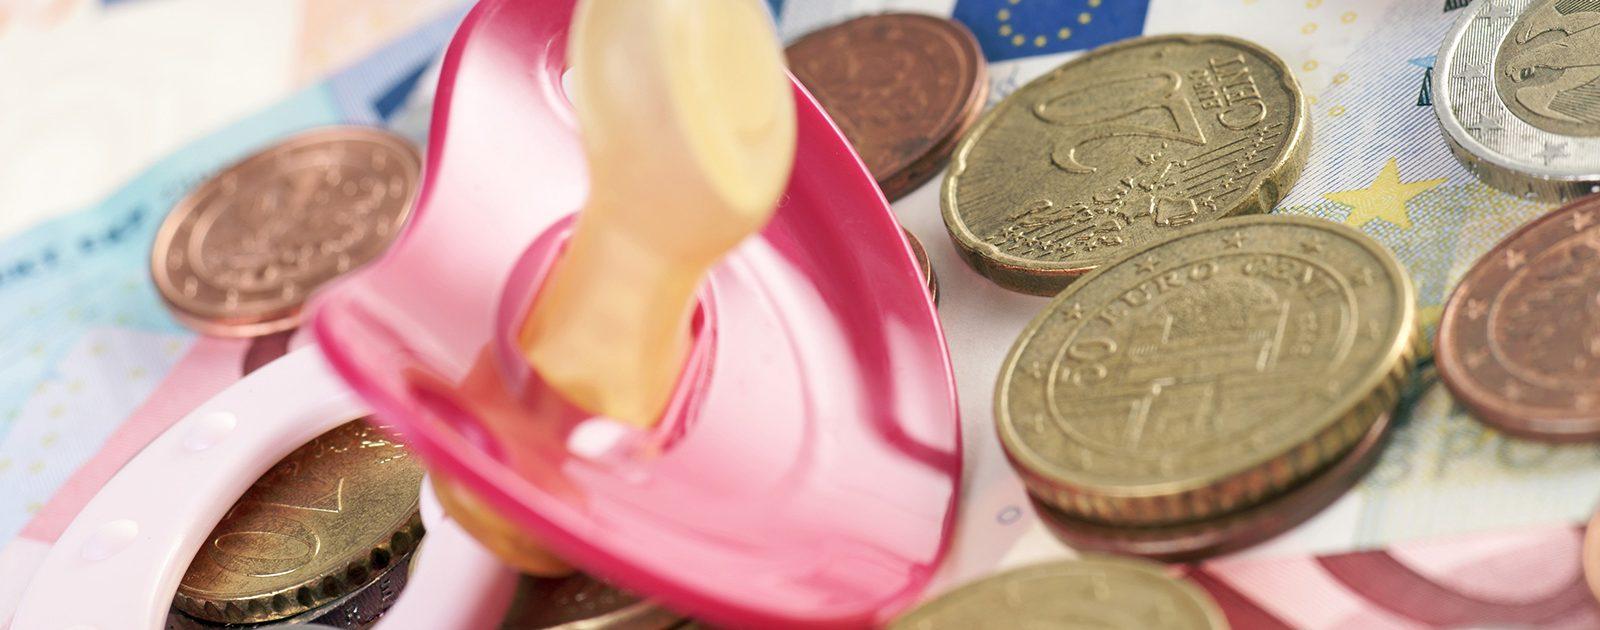 Familien bekommen für ihr Neugeborenes Elterngeld